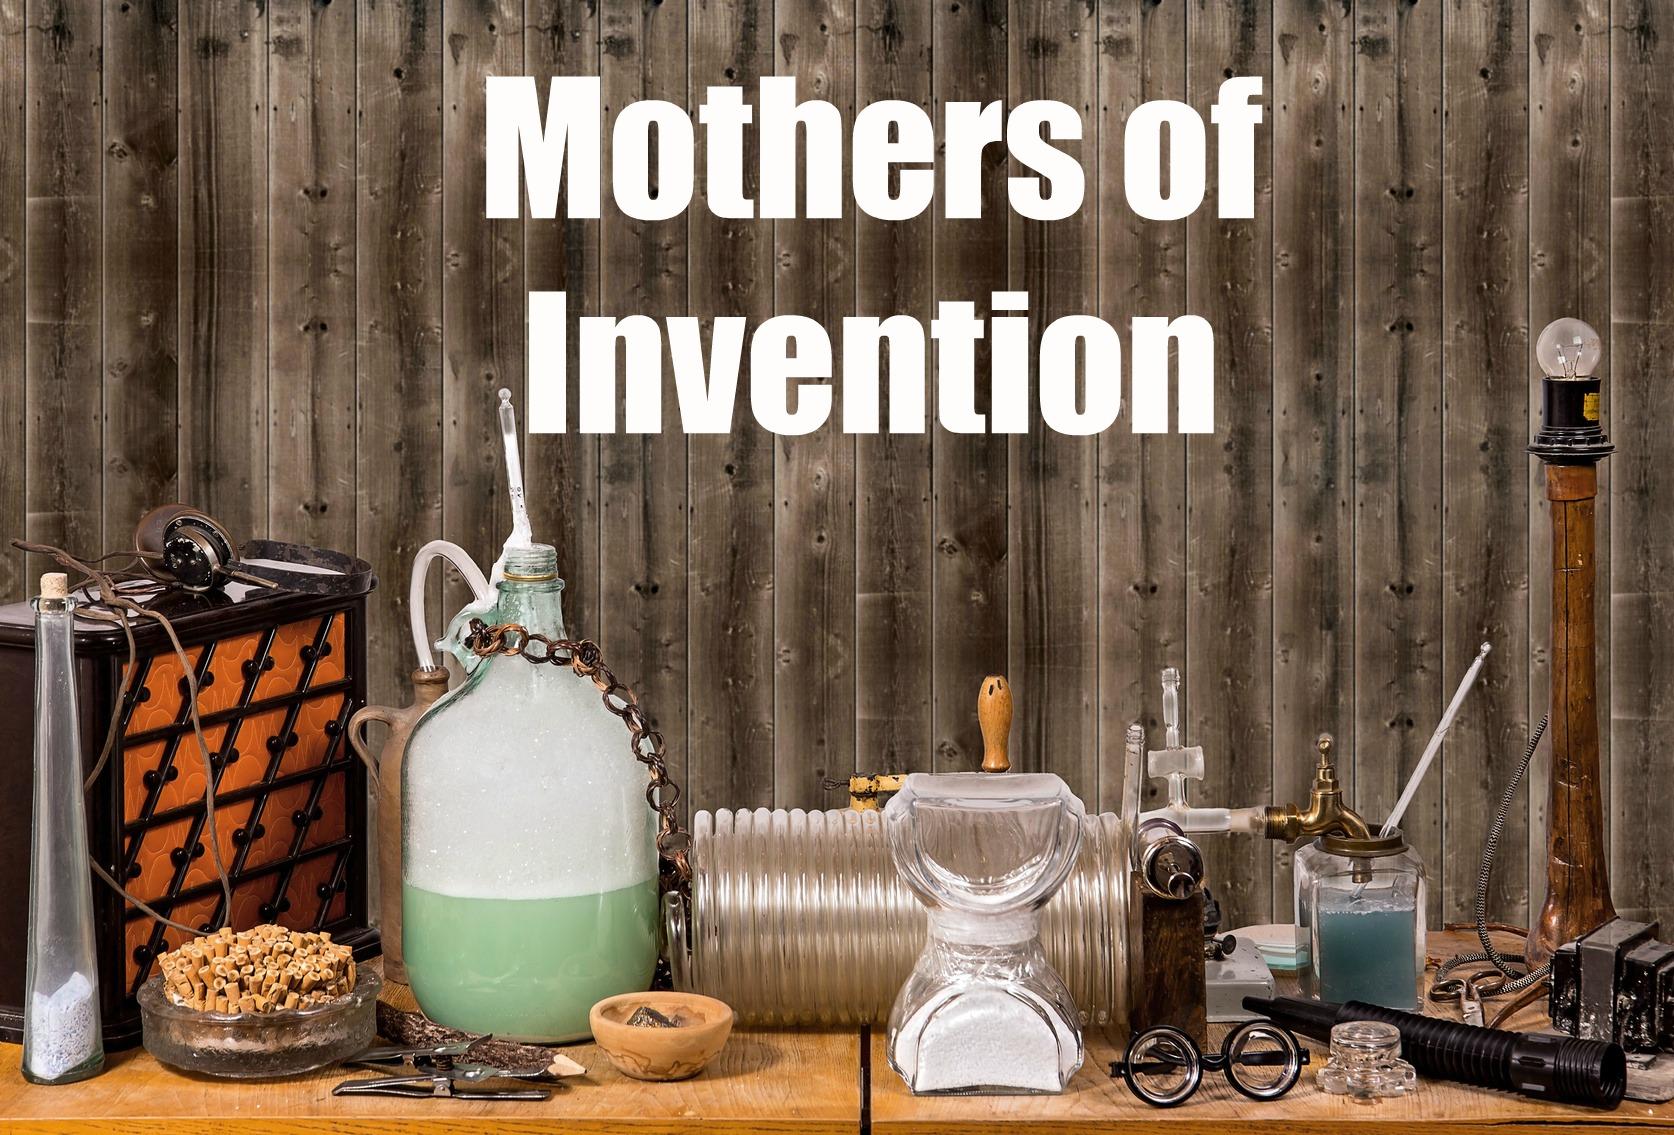 Notable women inventors